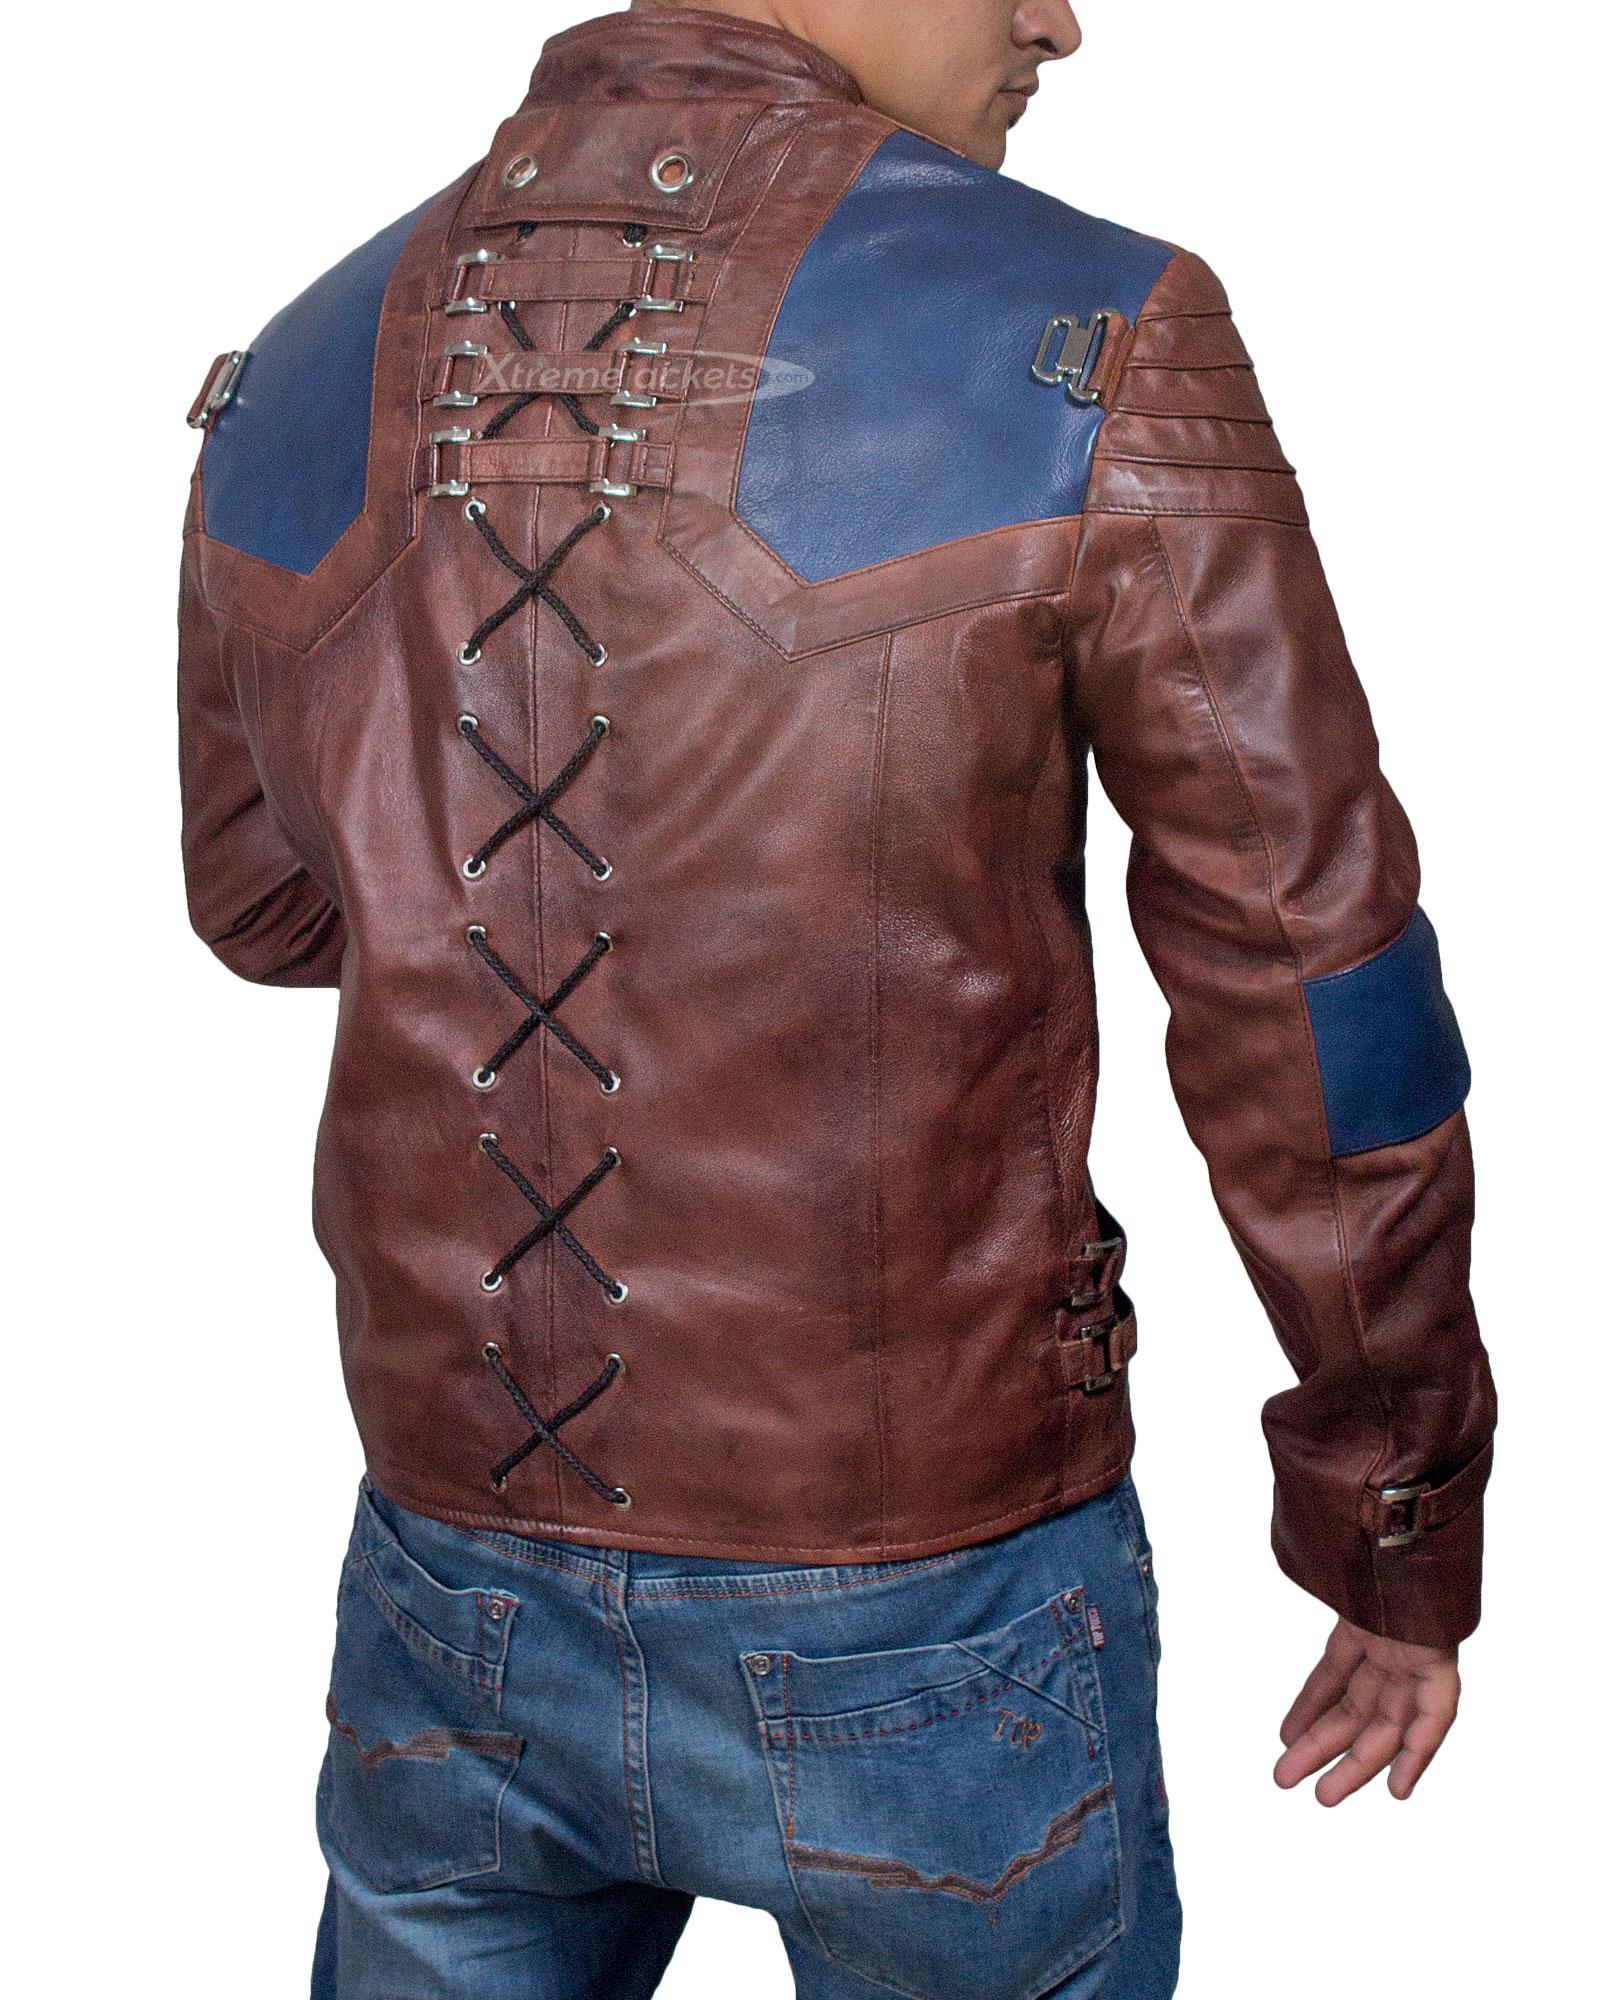 krypton-seg-el-jacket-d